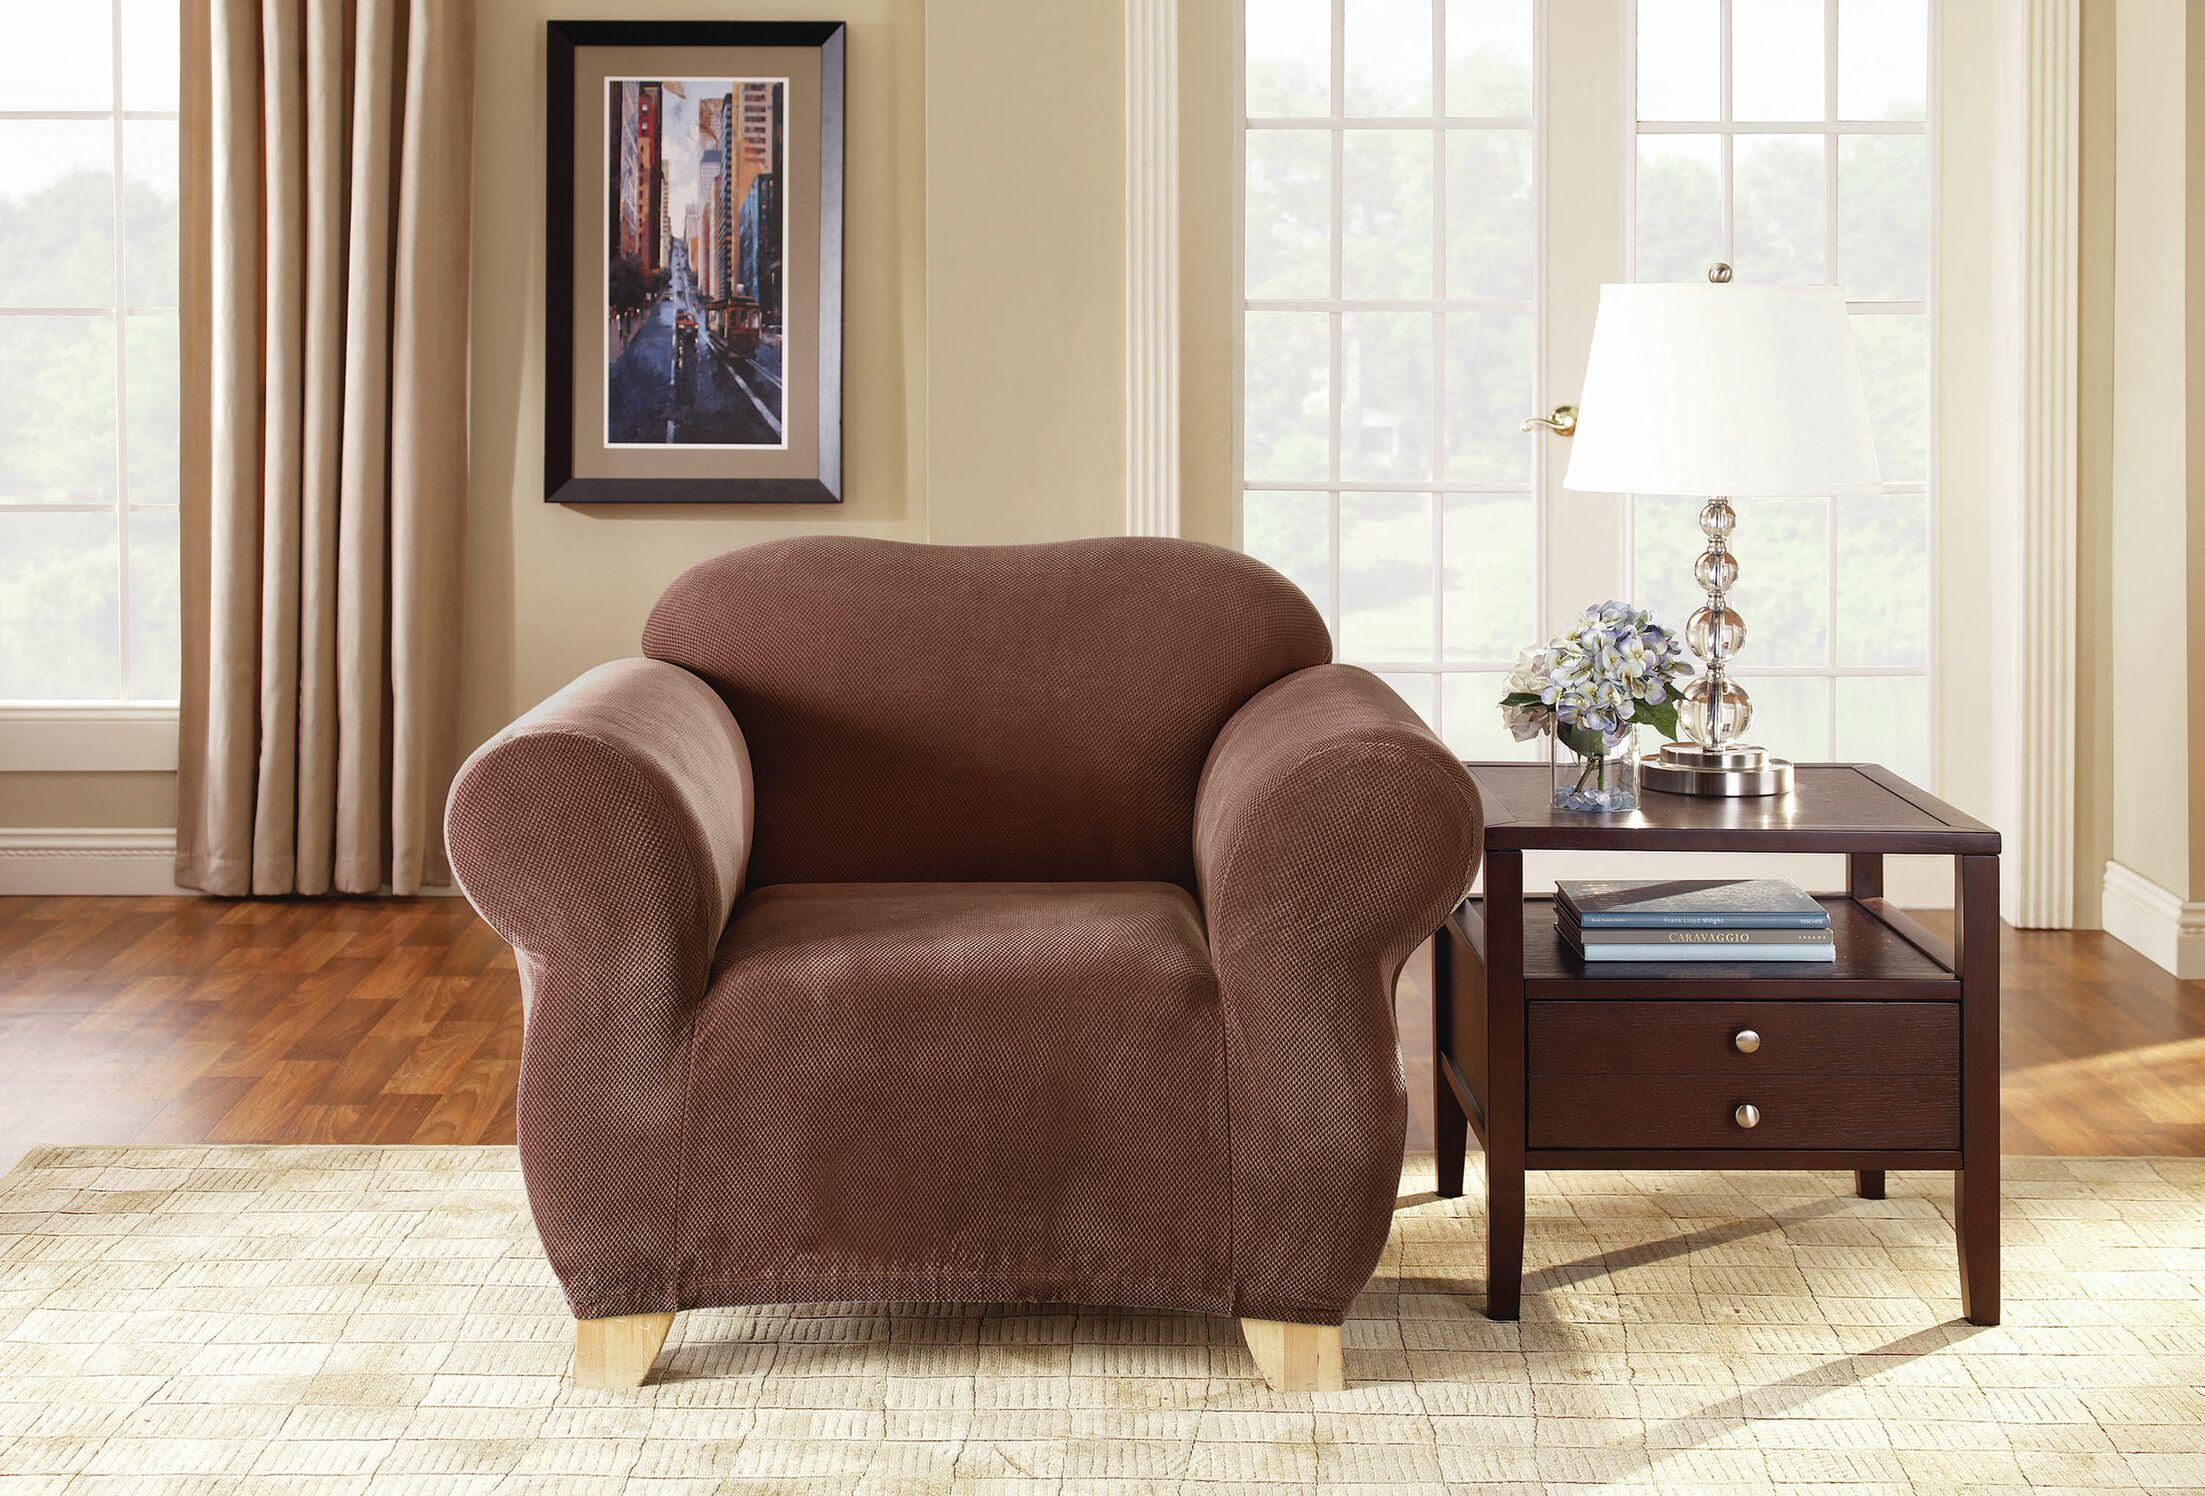 Pique Separate Seat Box Cushion Armchair Slipcover